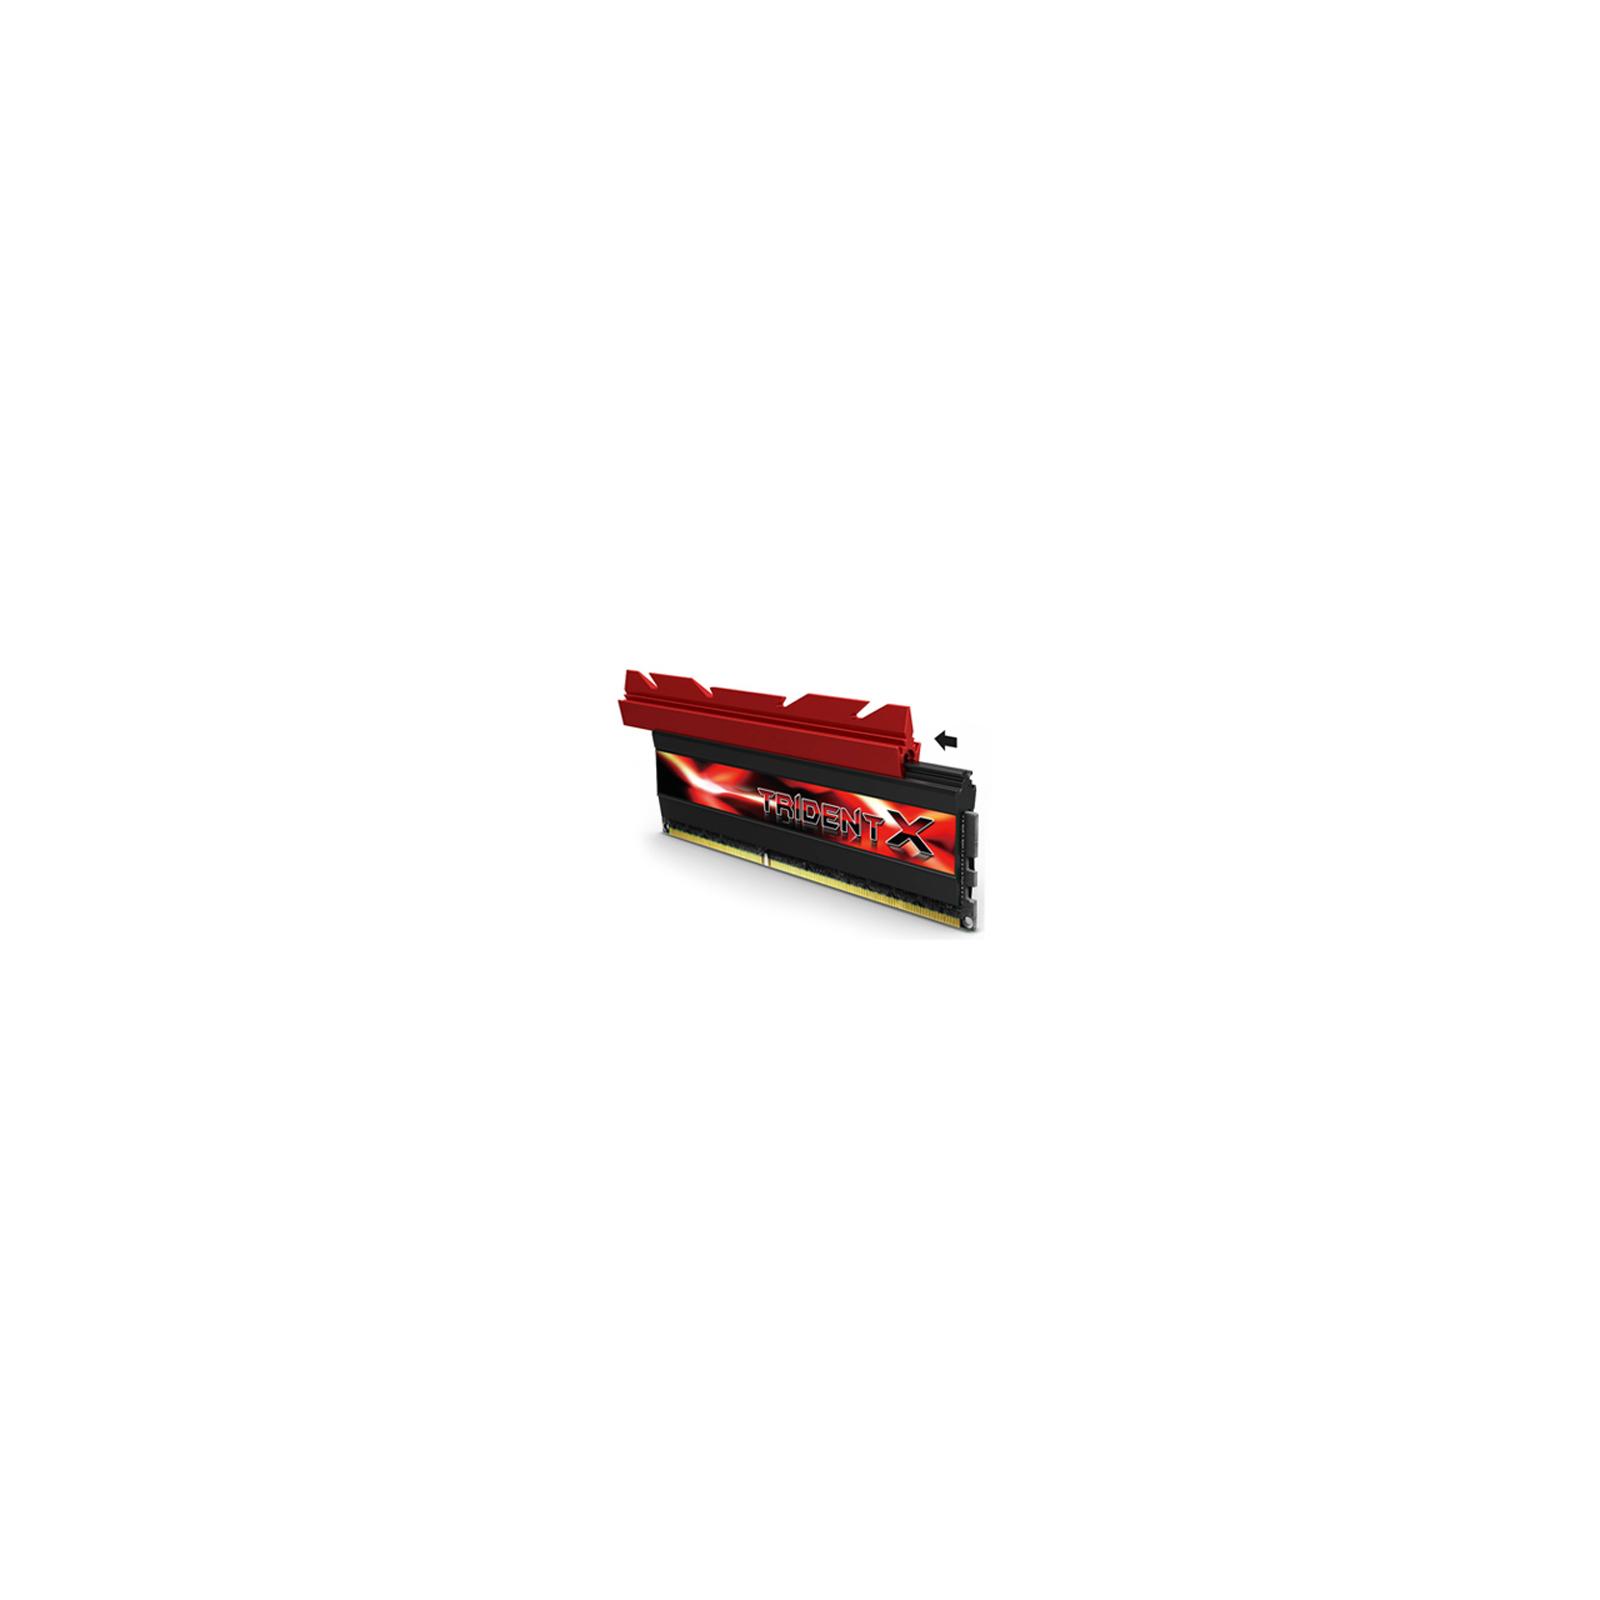 Модуль памяти для компьютера DDR3 16GB (2x8GB) 2666 MHz G.Skill (F3-2666C12D-16GTXD) изображение 2